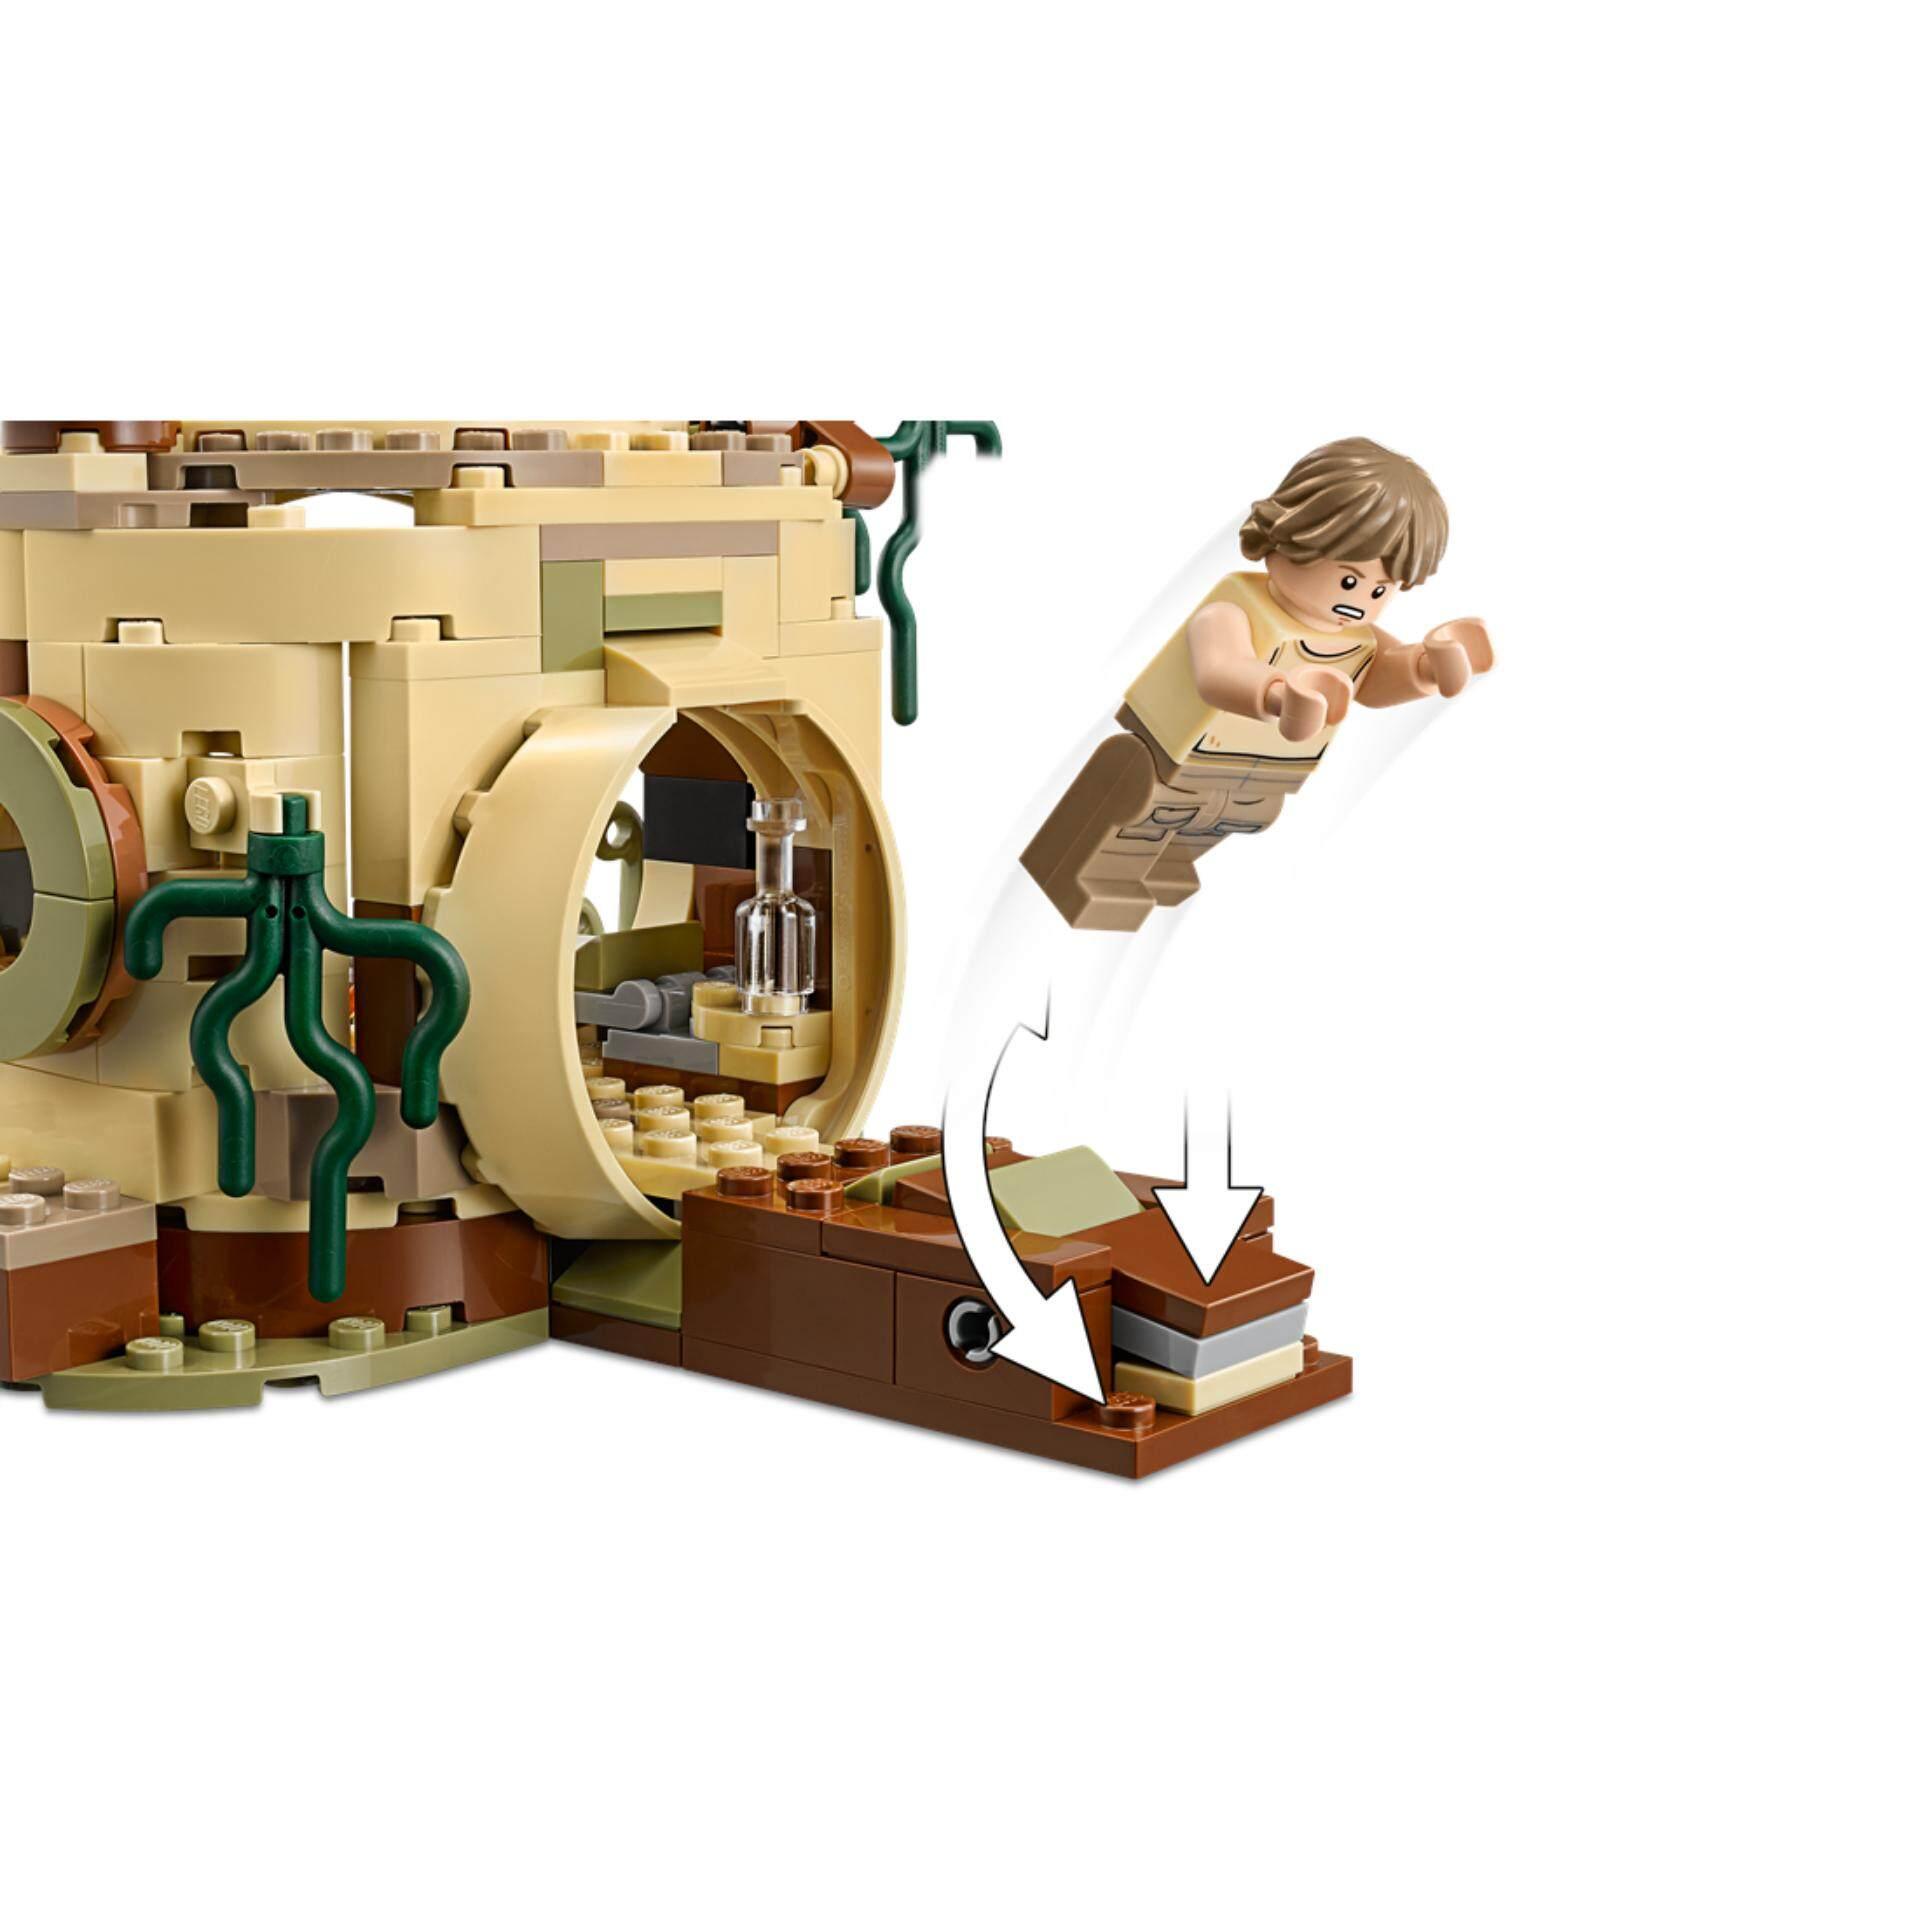 LEGO(R) Yoda's Hut - 75208 - 3